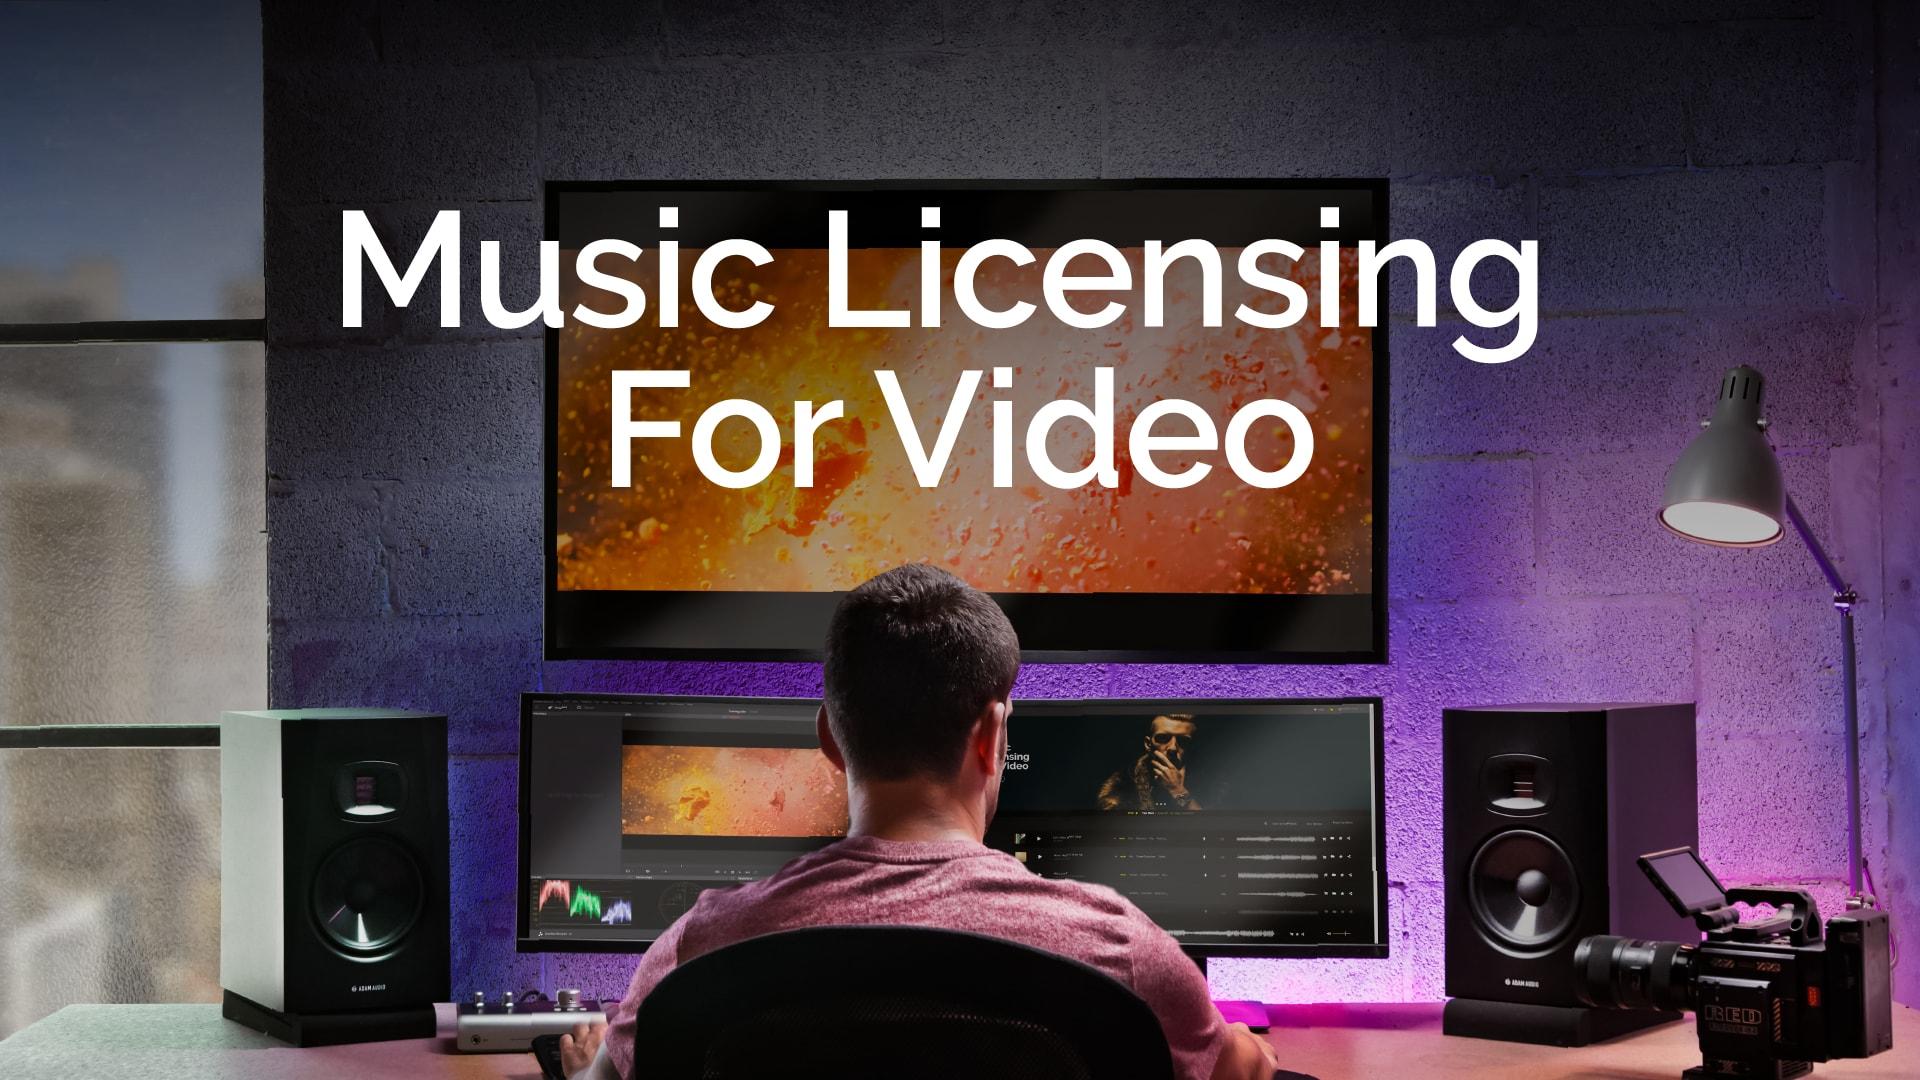 「著作権フリー動画用音楽サービス『Artlist』が最強な理由」のアイキャッチ画像